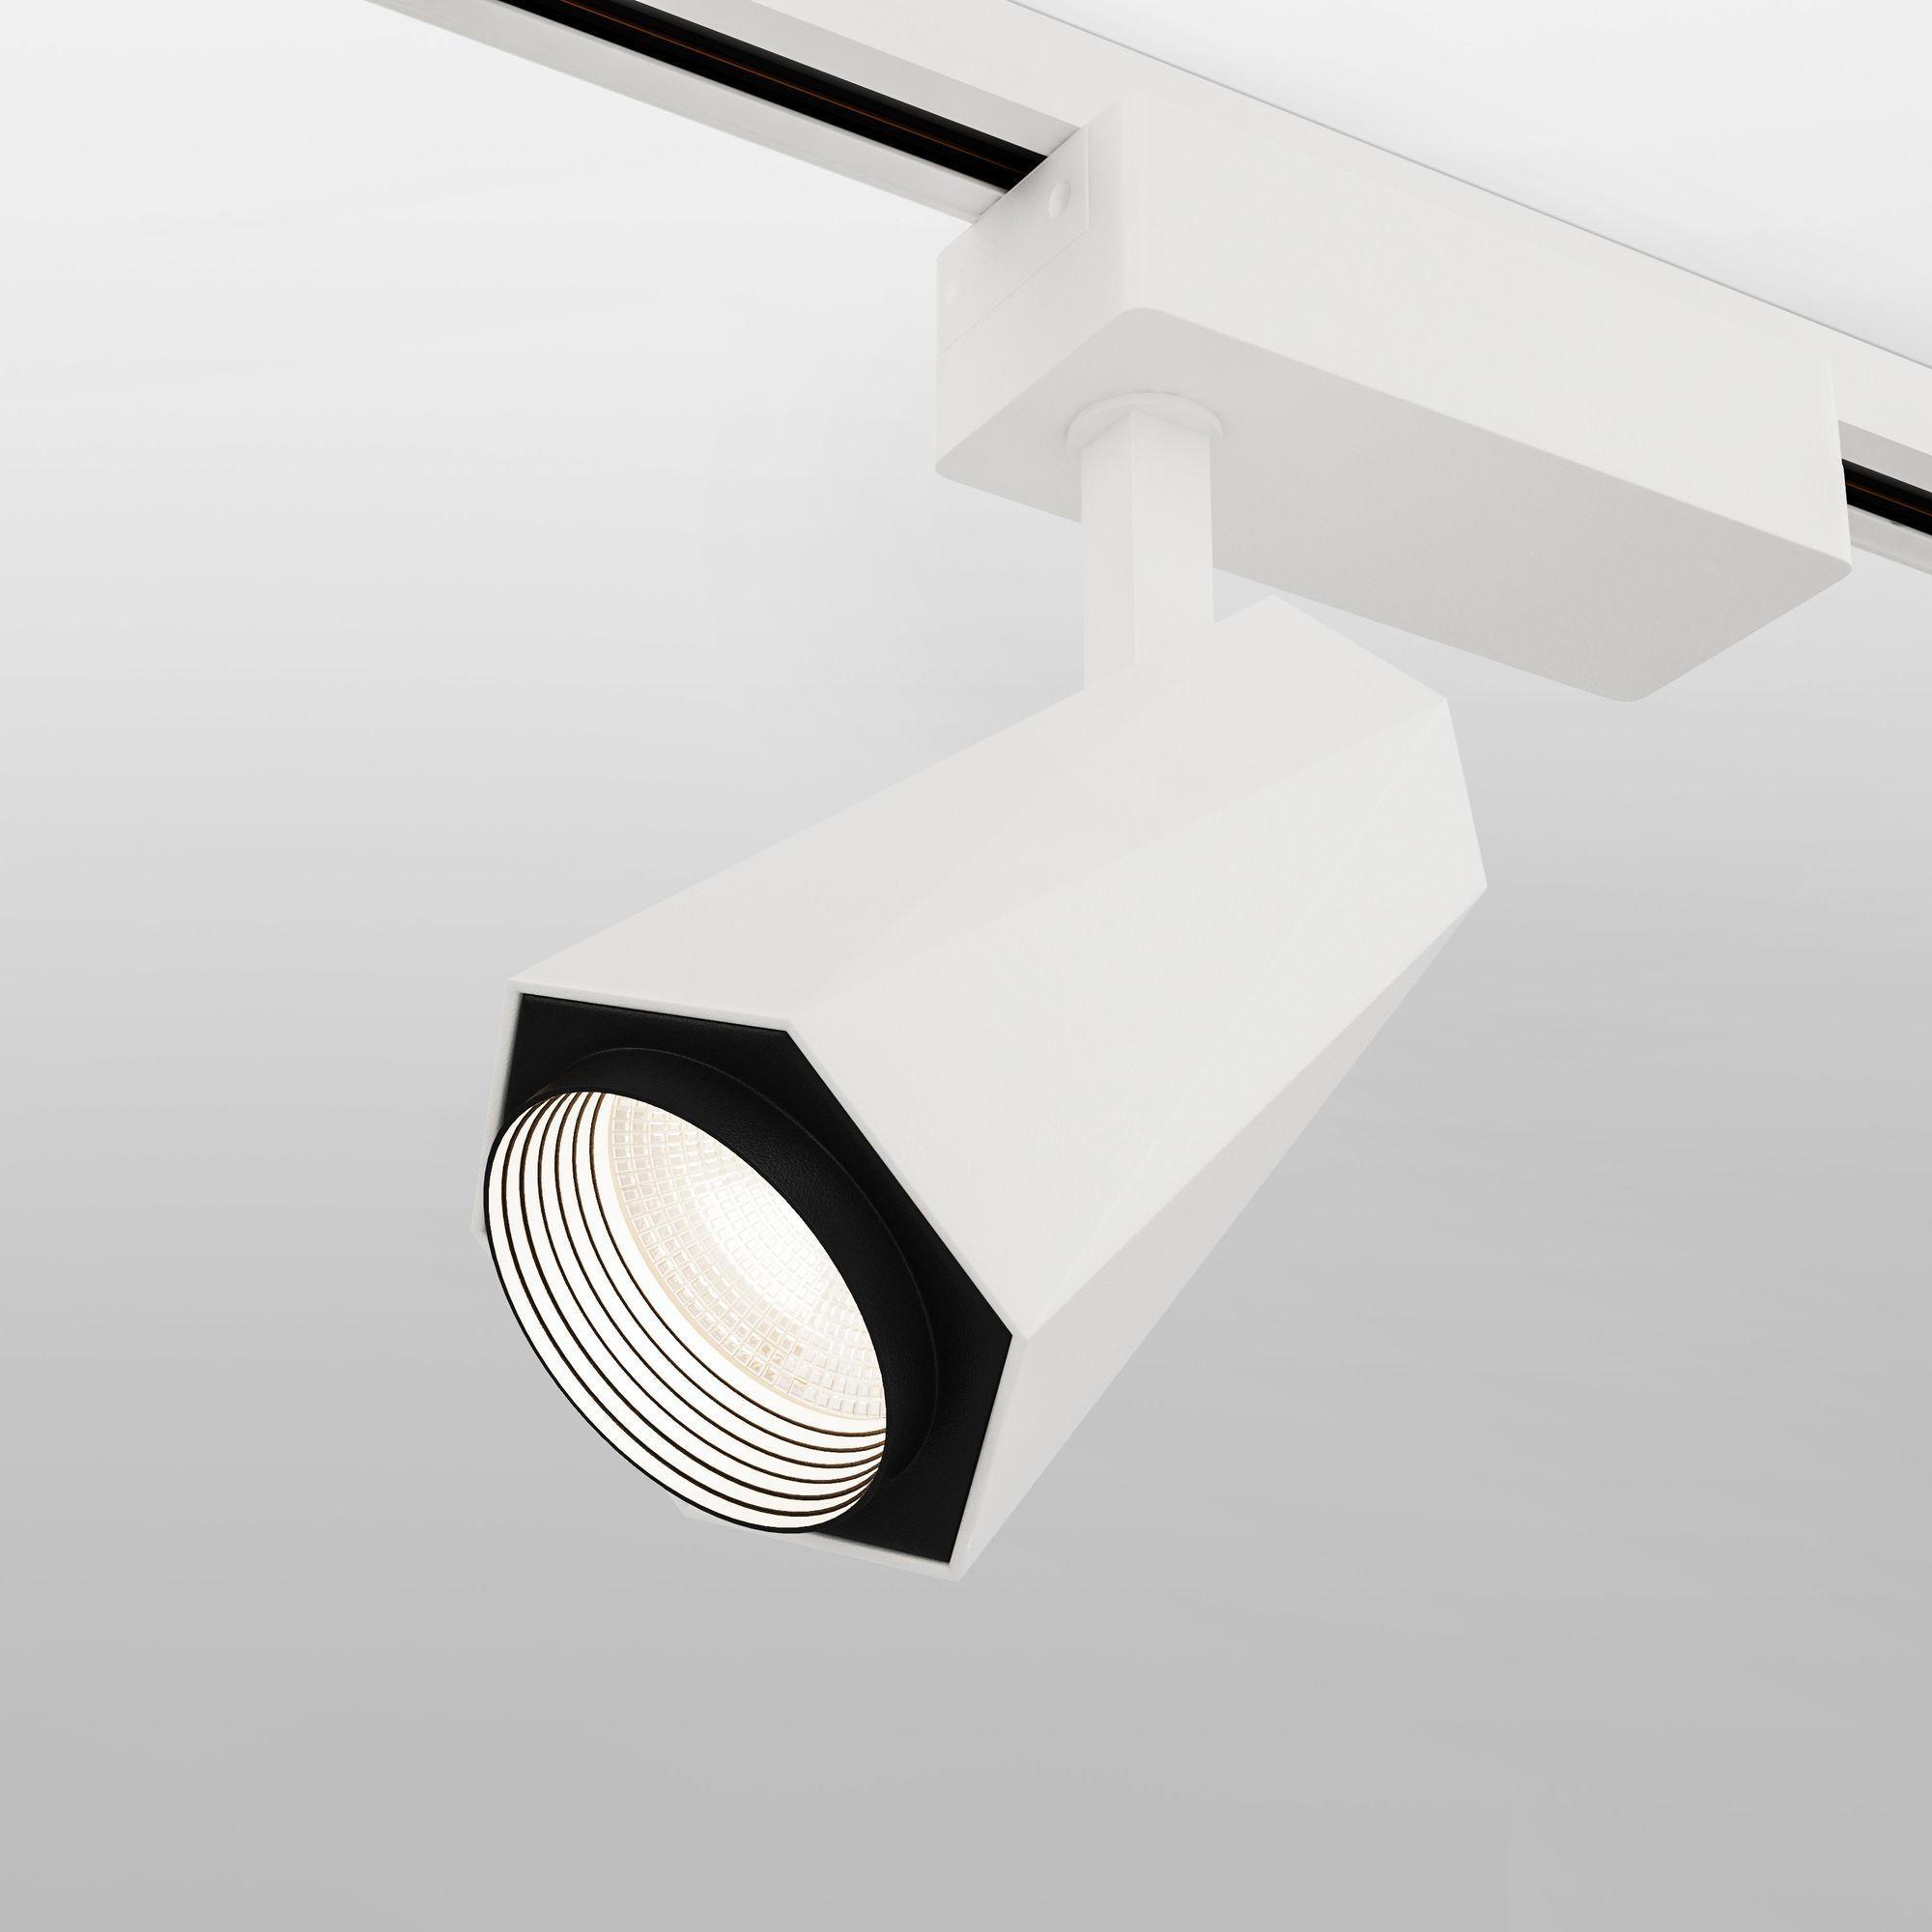 Трековый светодиодный светильник для однофазного шинопровода Magnum белый 20W 4200K (1 шт.) LTB46